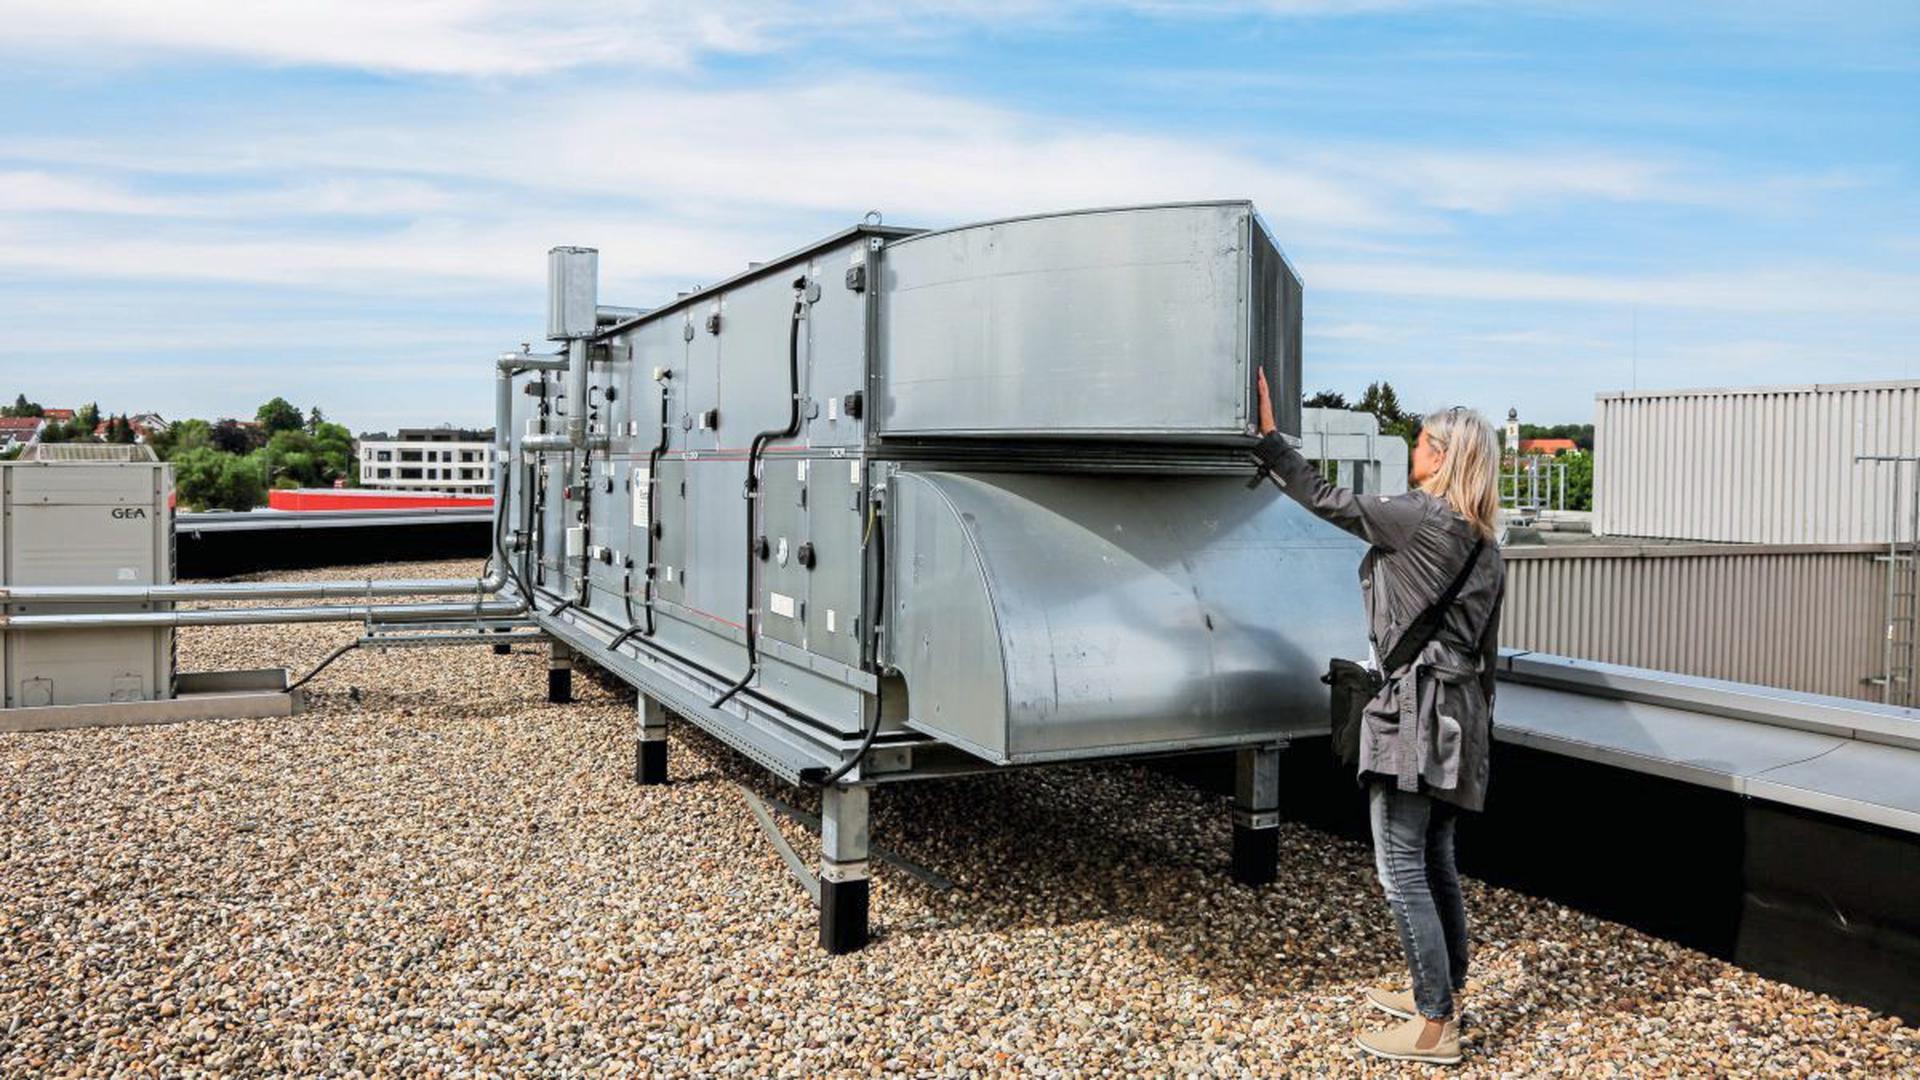 Eine Anlage wie diese werde aus gründen des Abeitsschutzes bald auf dem Dach des Presswerks stehen. Sie werde zwar nur um ein vielfaches größer, aber nicht lauter, versichern Vertreter von BSH/Neff.